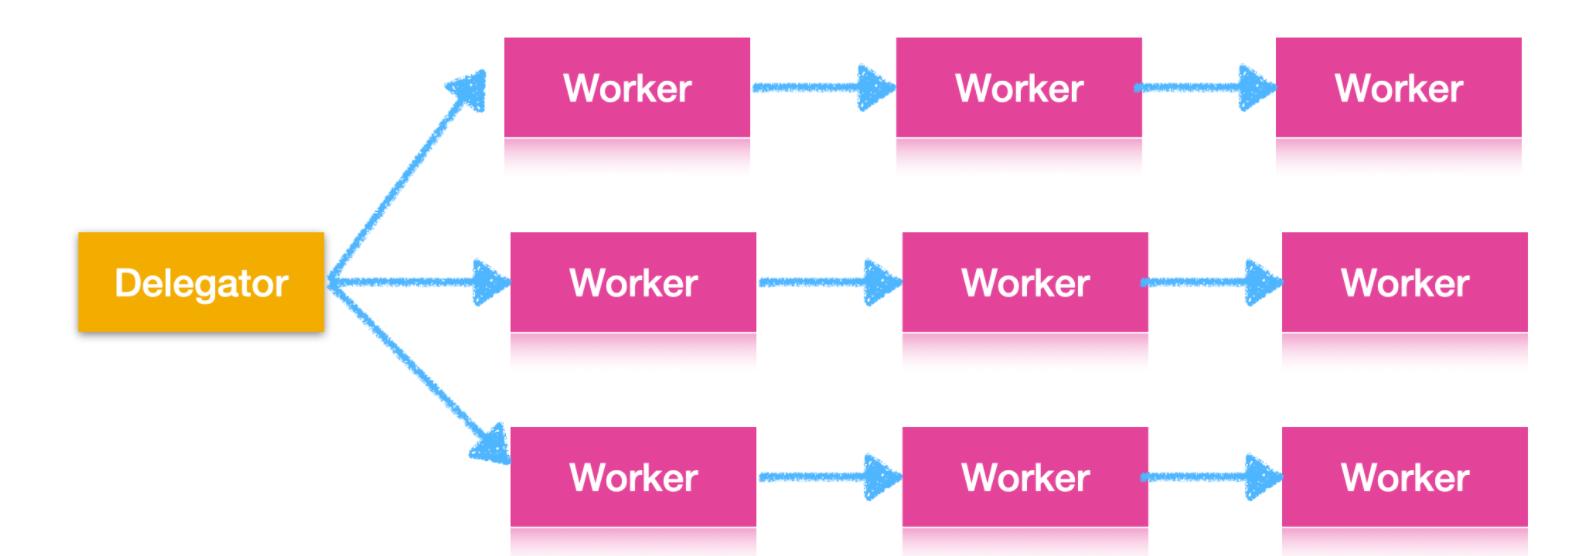 一文详解 Java 并发模型